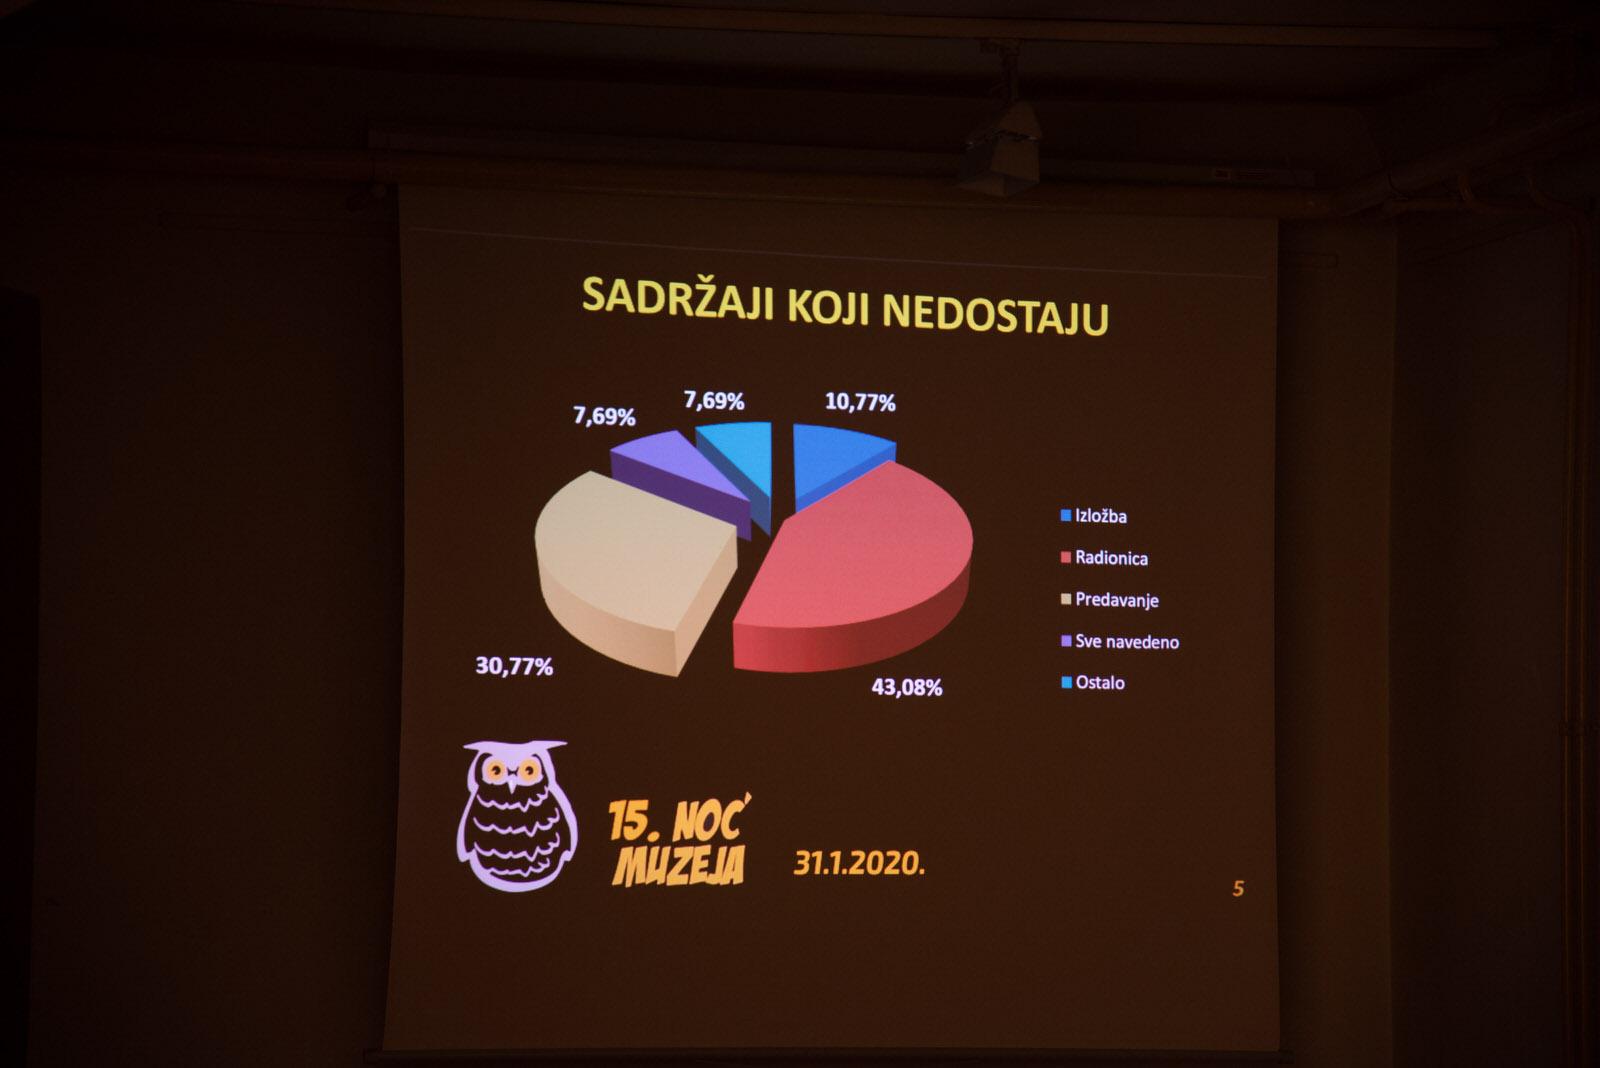 anketa rezultati (4)